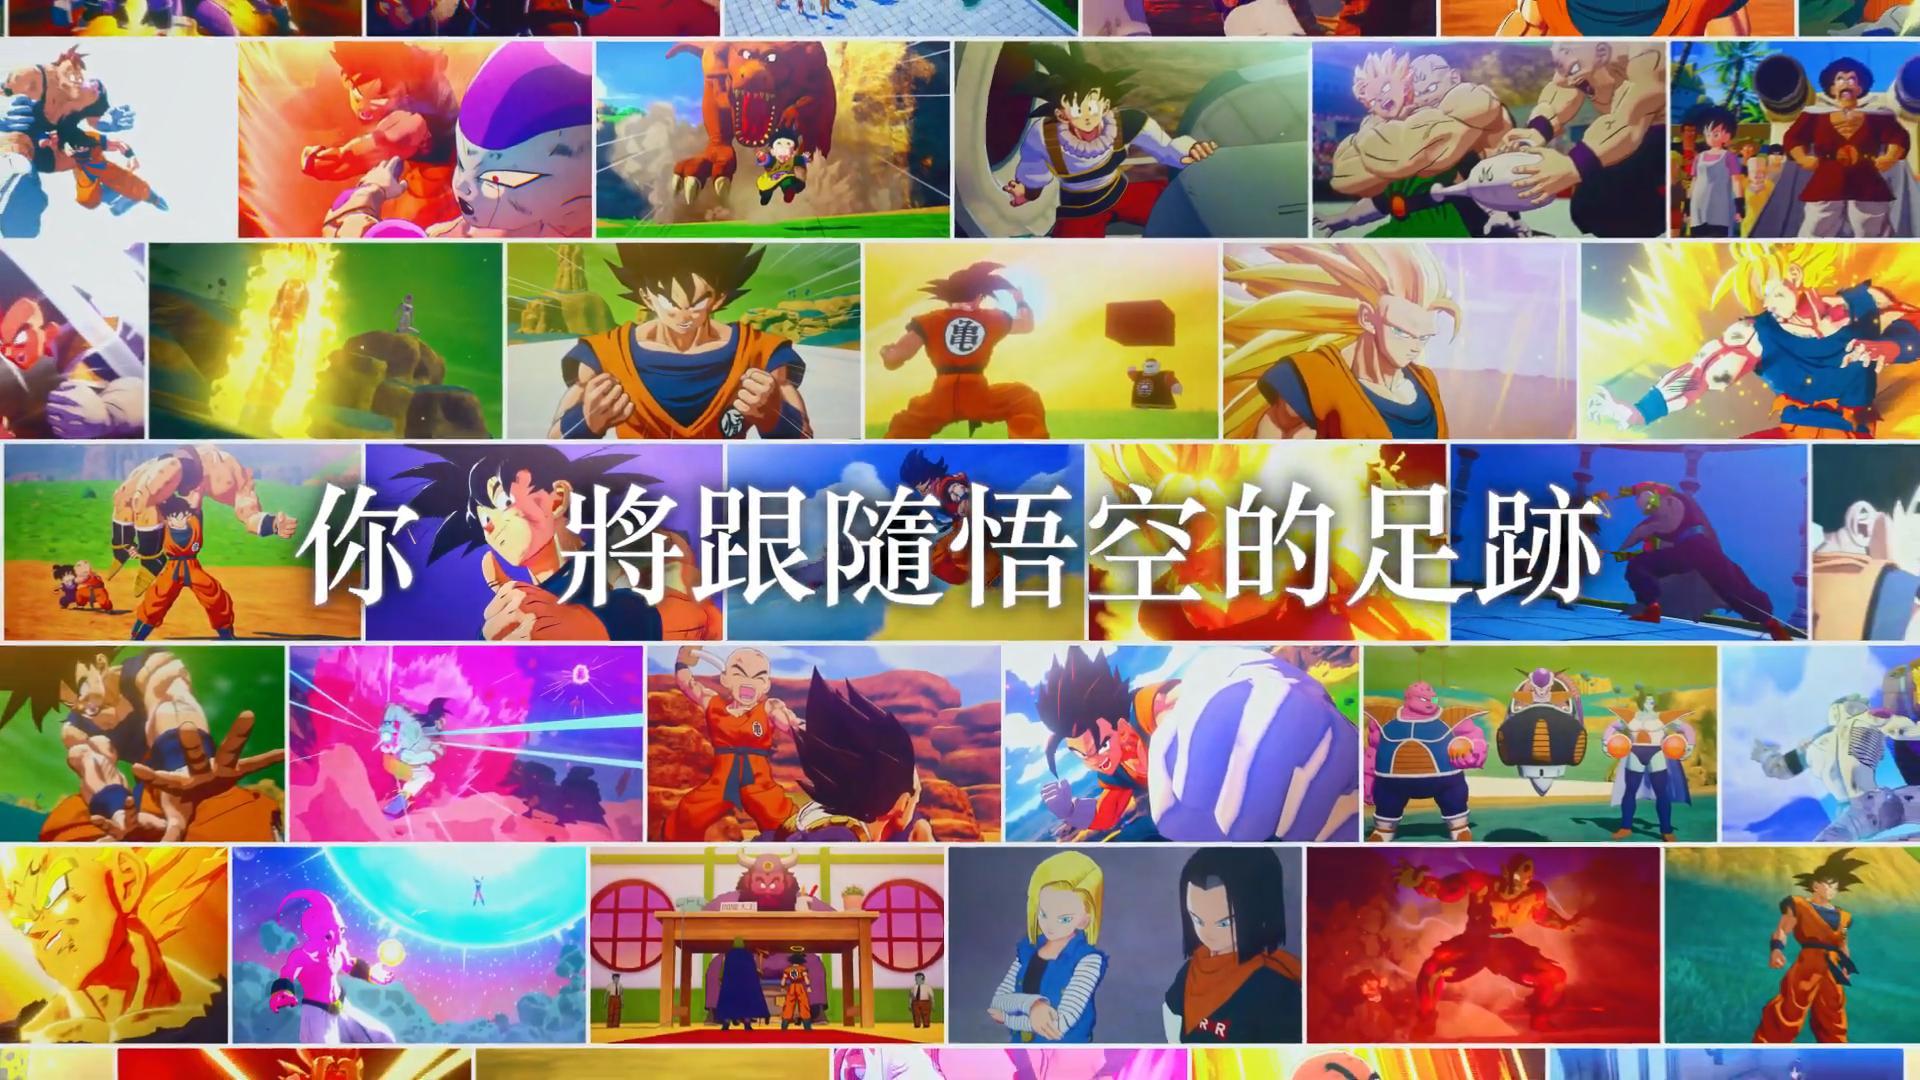 《龙珠Z卡卡罗特+新觉醒篇》新宣传影像 9月22日正式发售